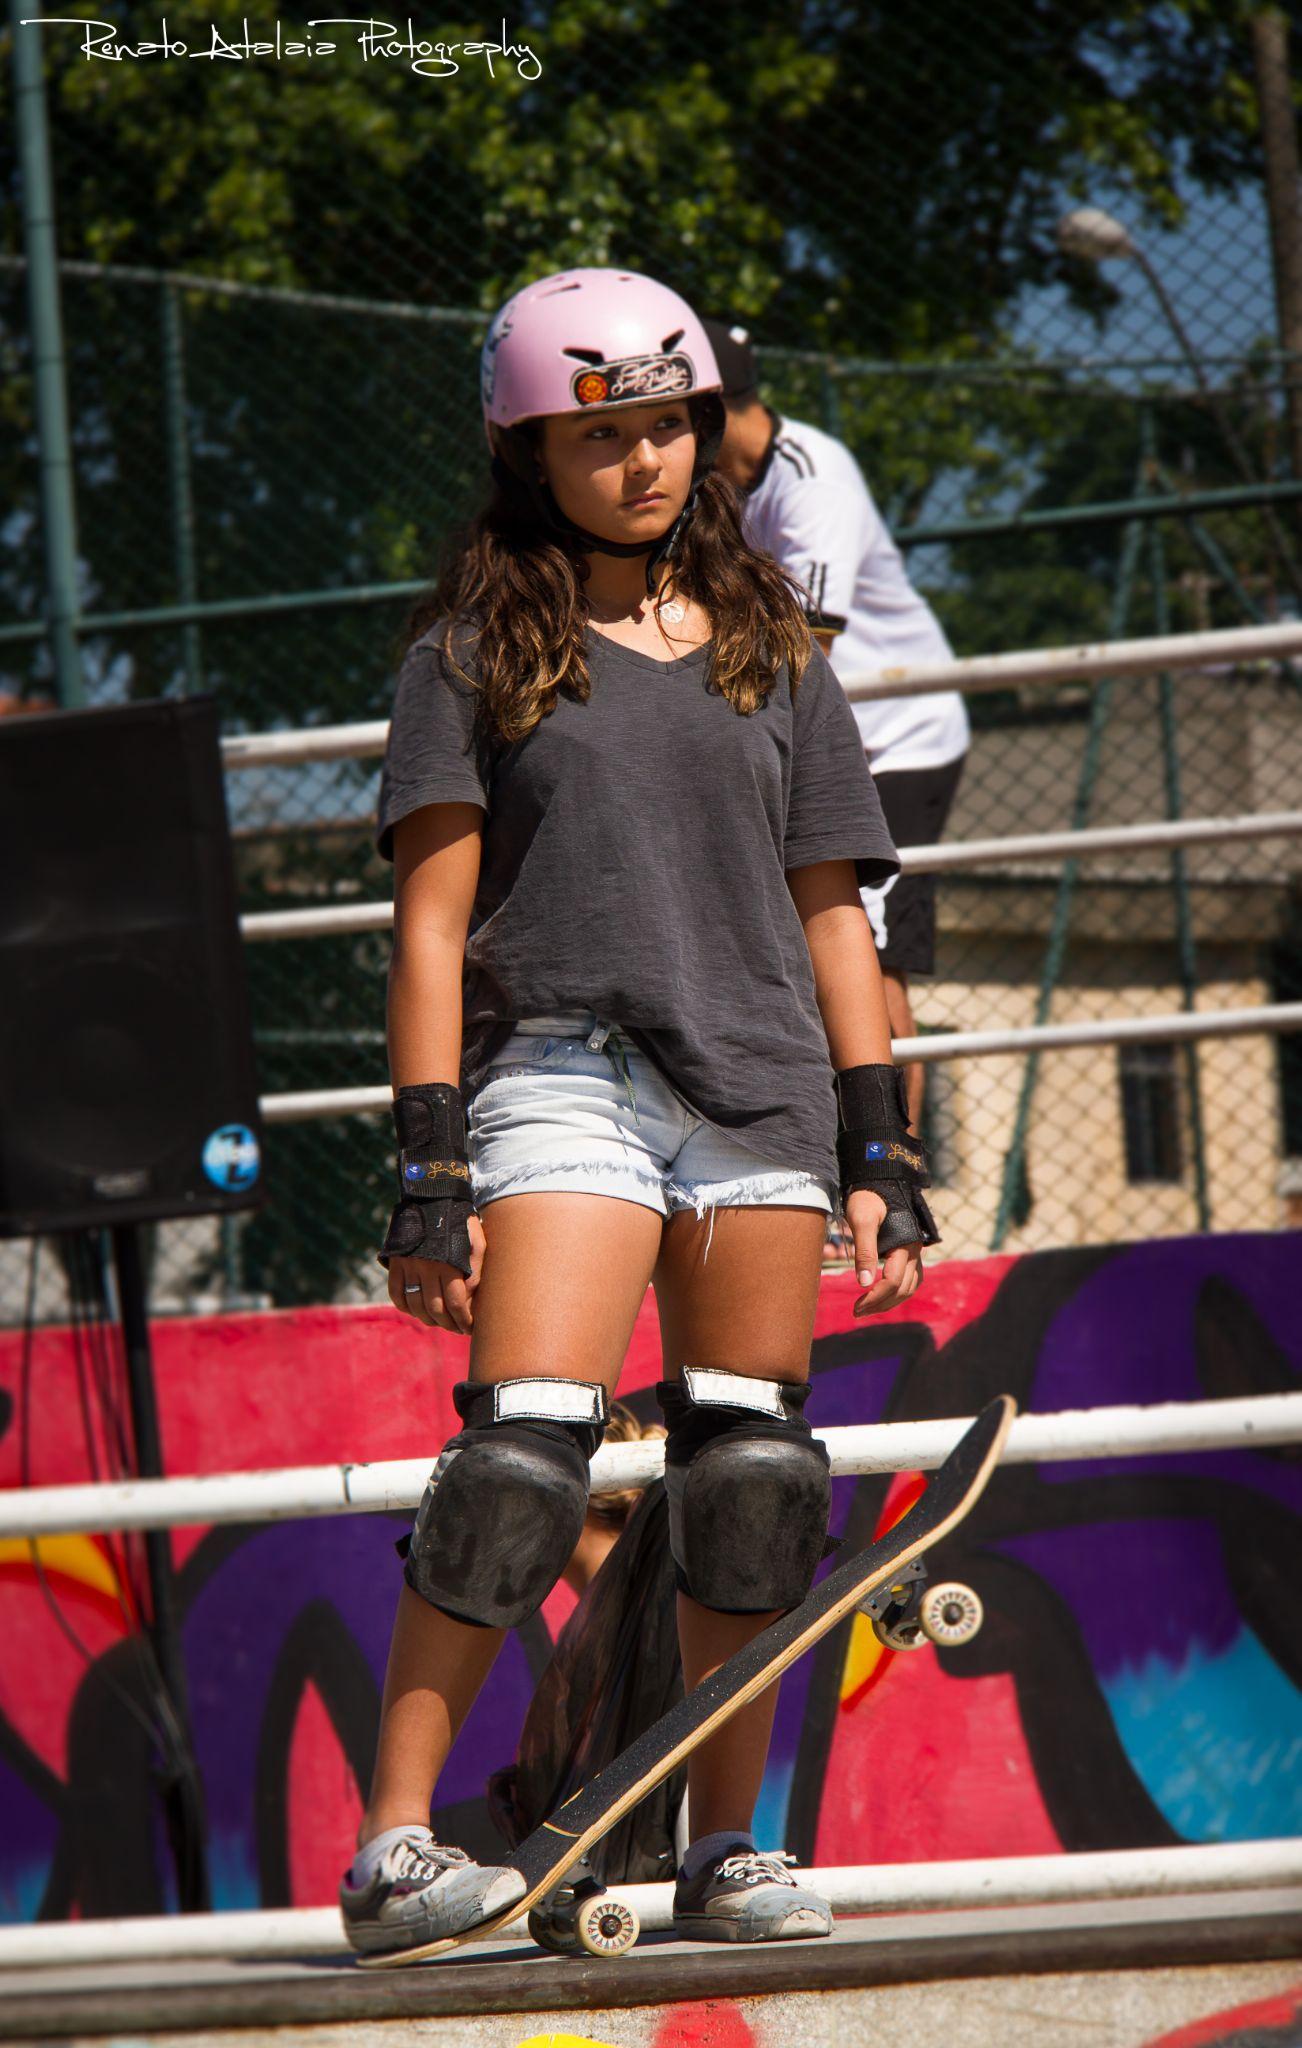 Girl skatebording by renatoatalaia